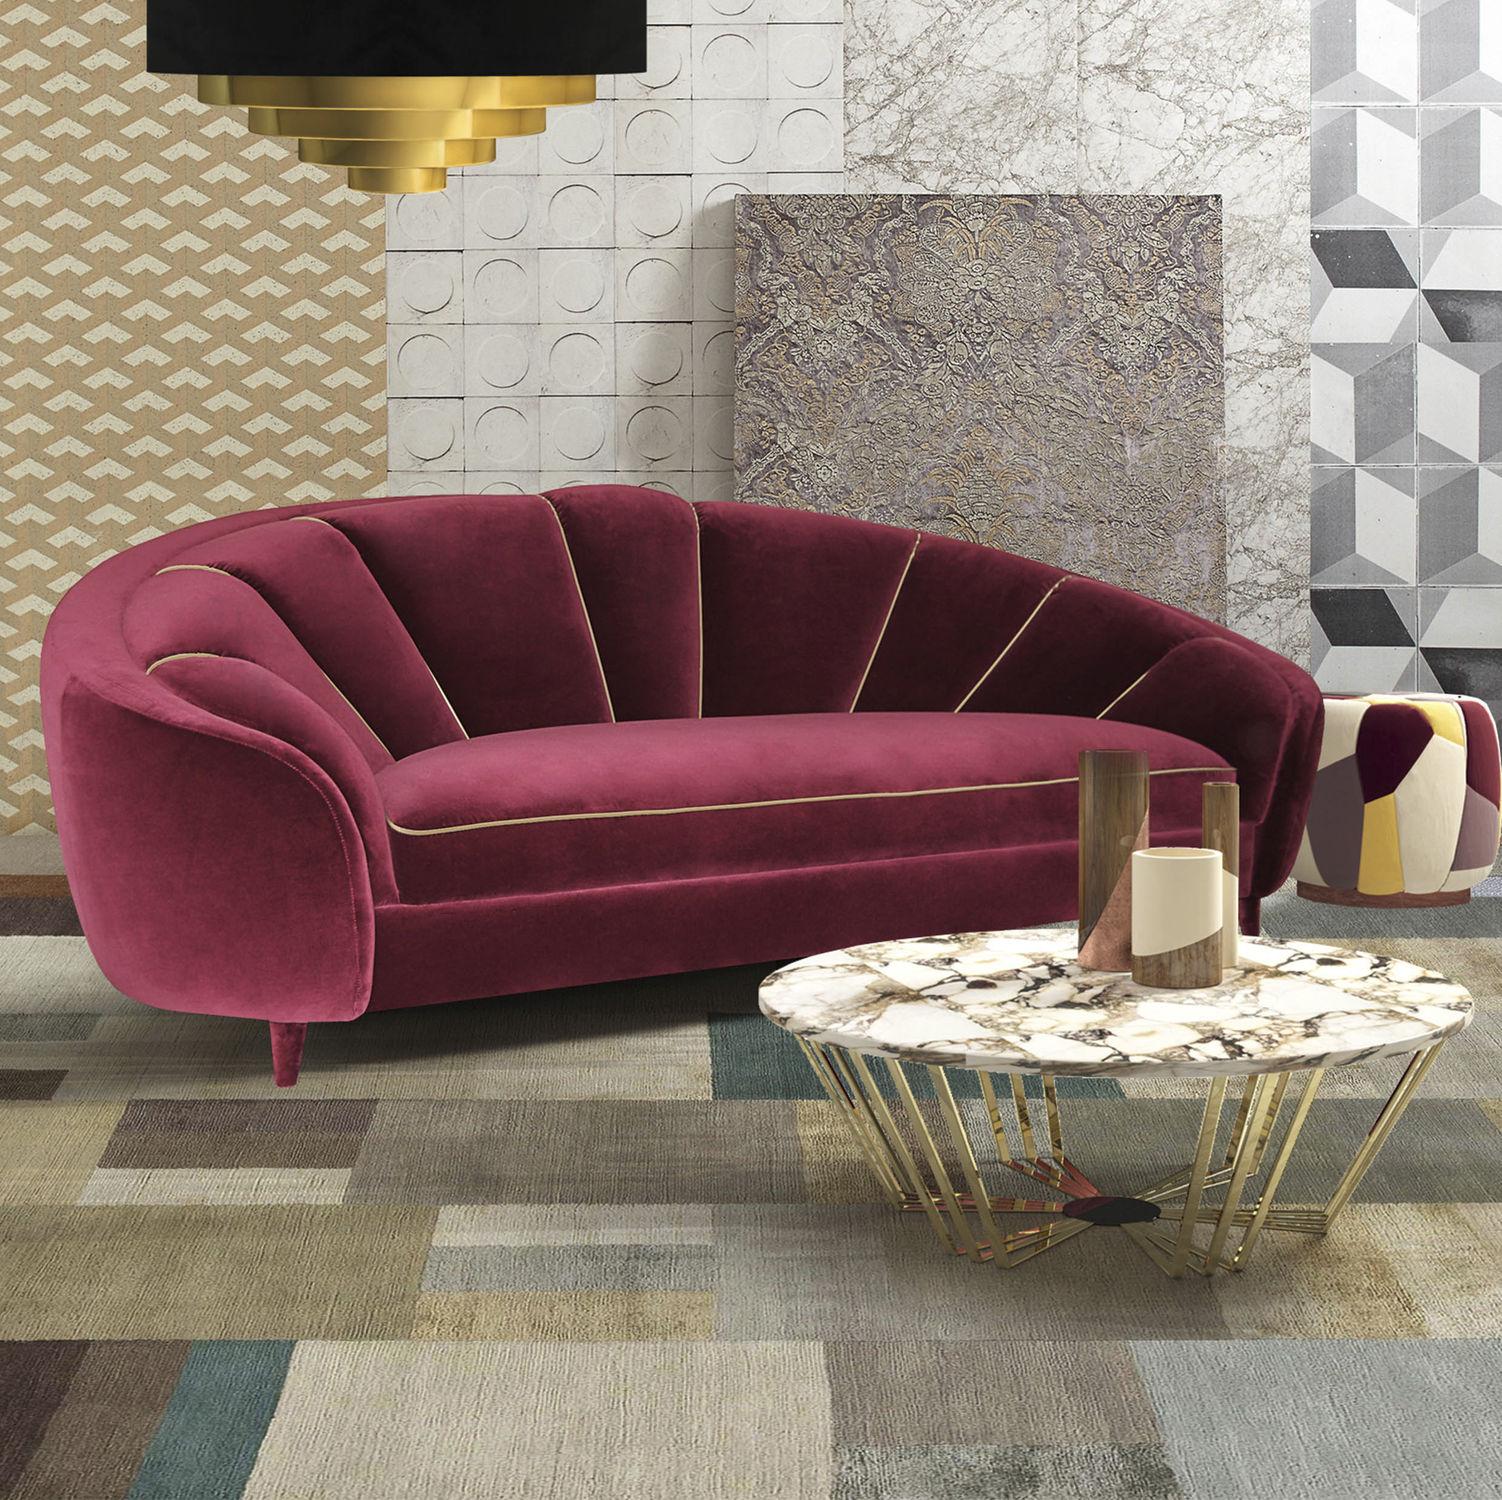 Art Deco sofa - RUBY - Muranti - velvet / cotton / 3-seater